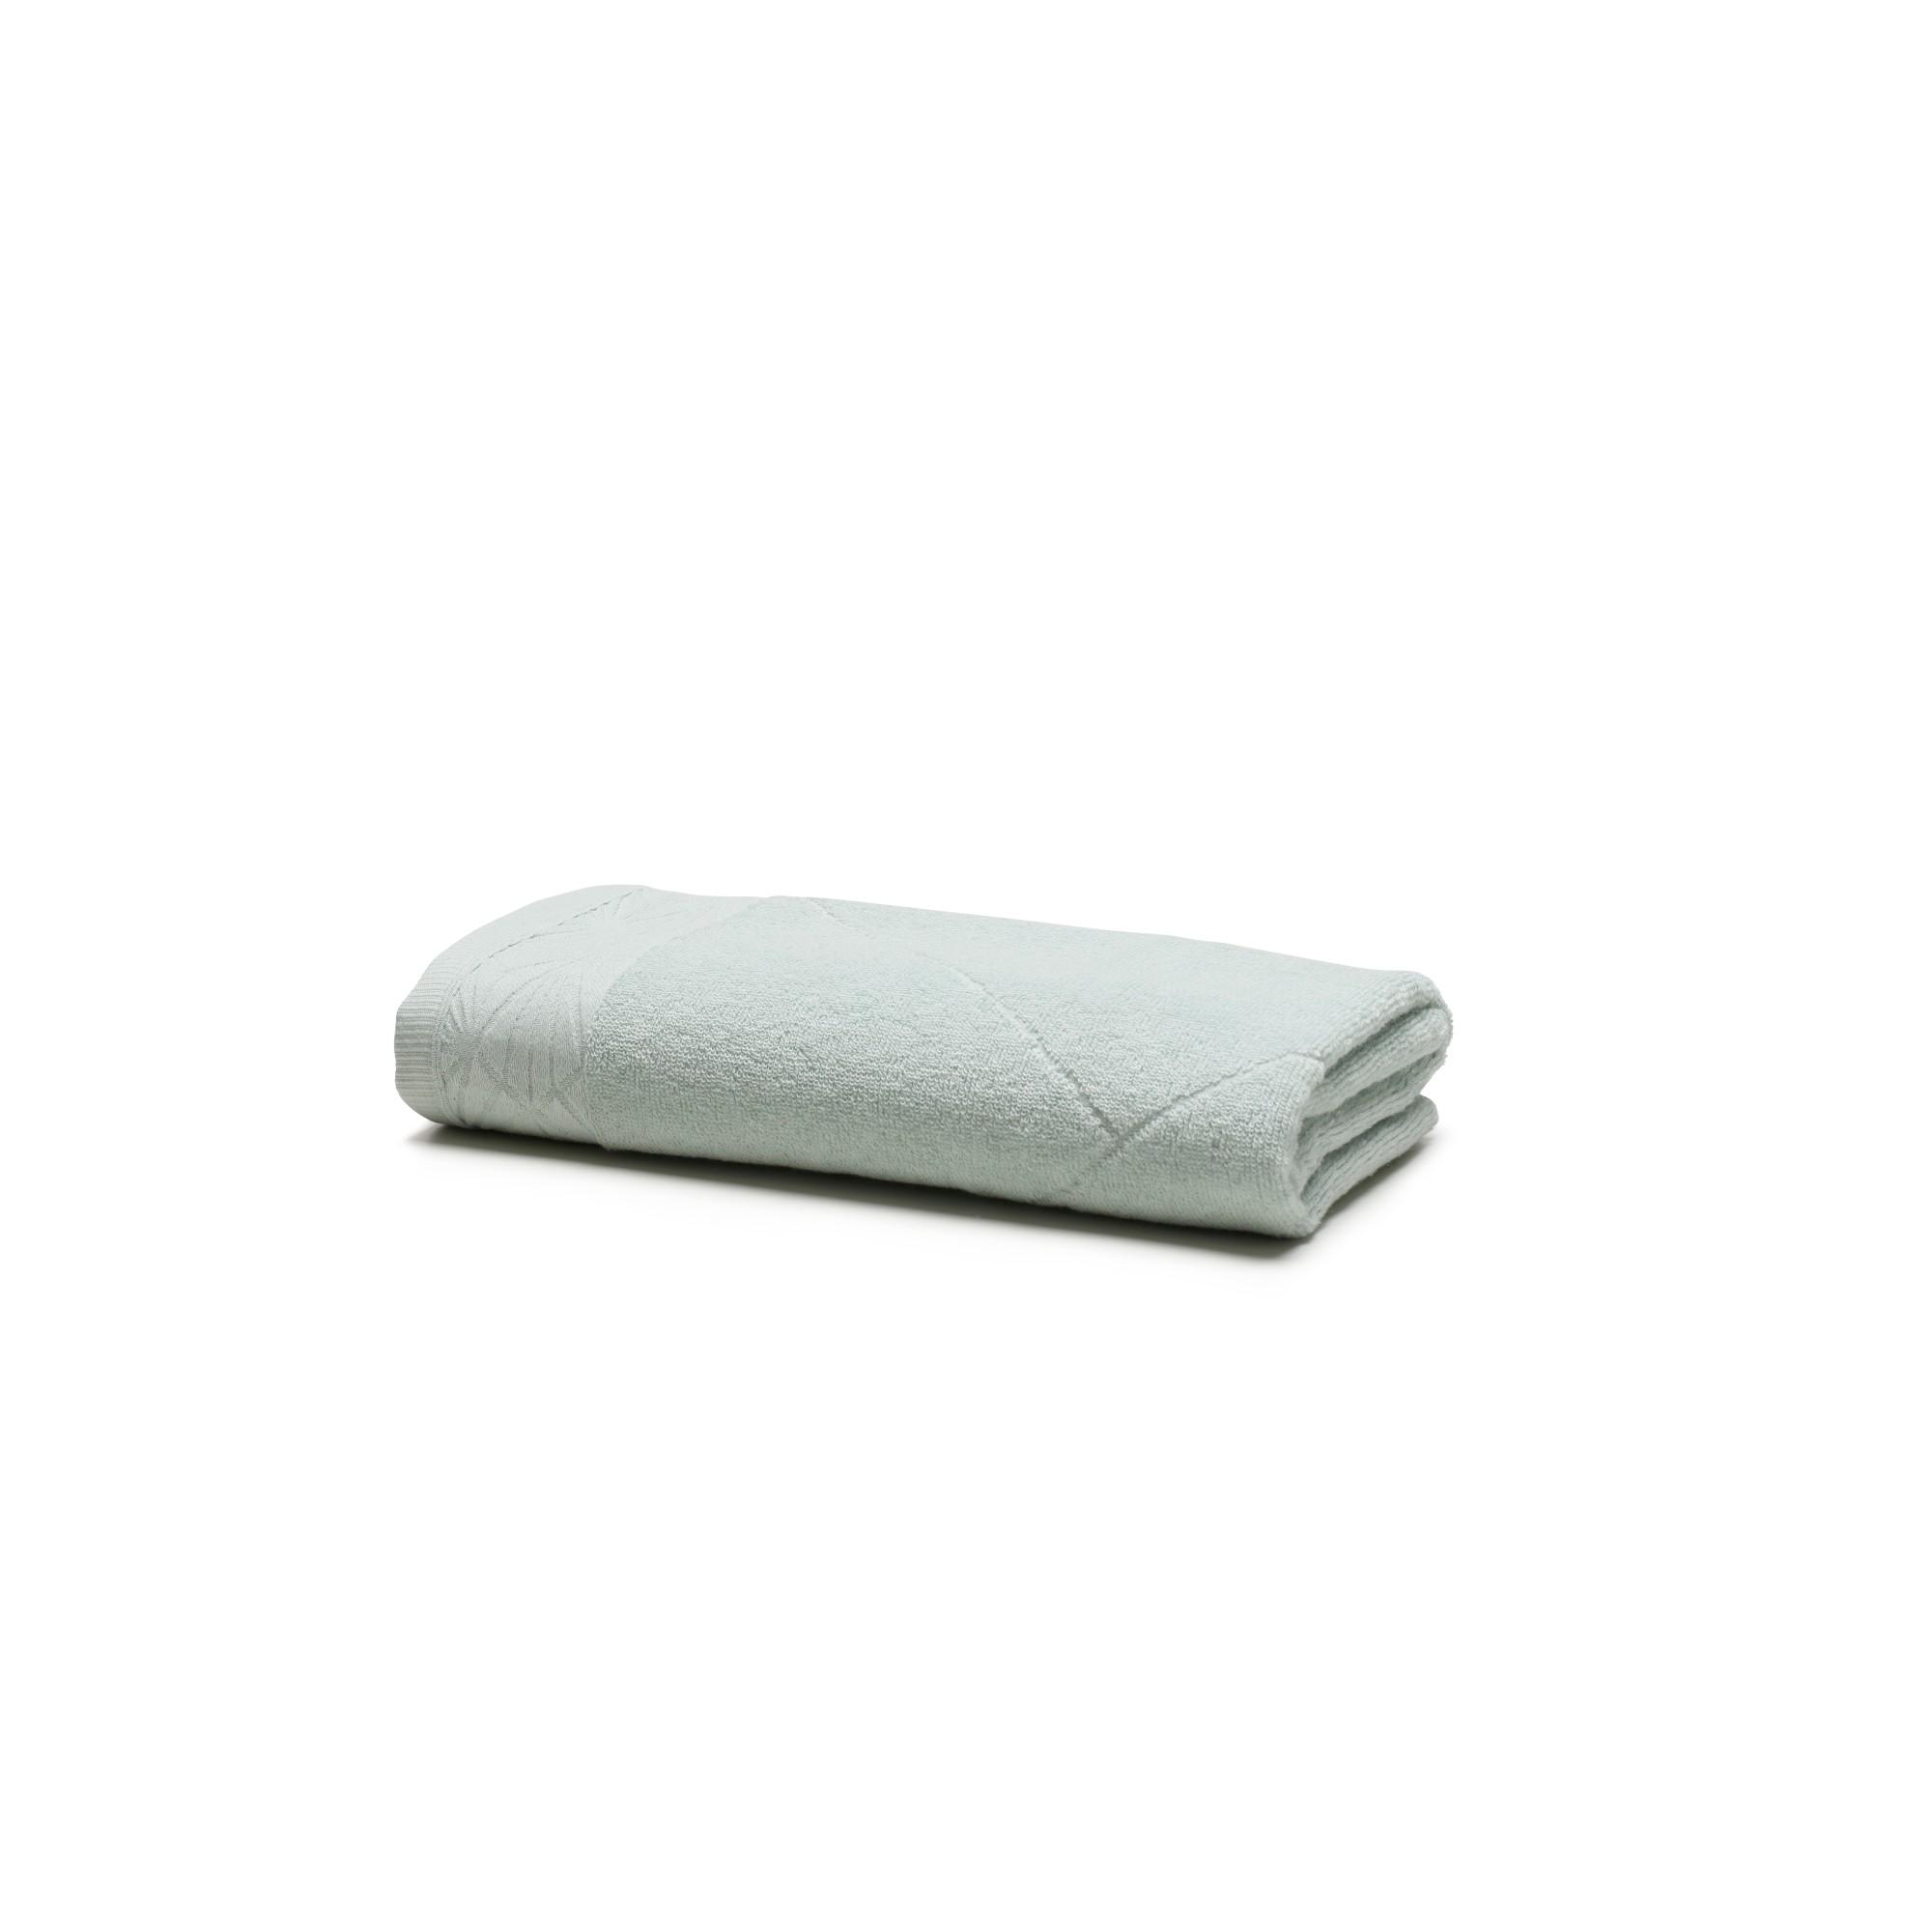 Toalha de Banho Total Mix 100 Algodao 70 x 135 cm Verde - Artex